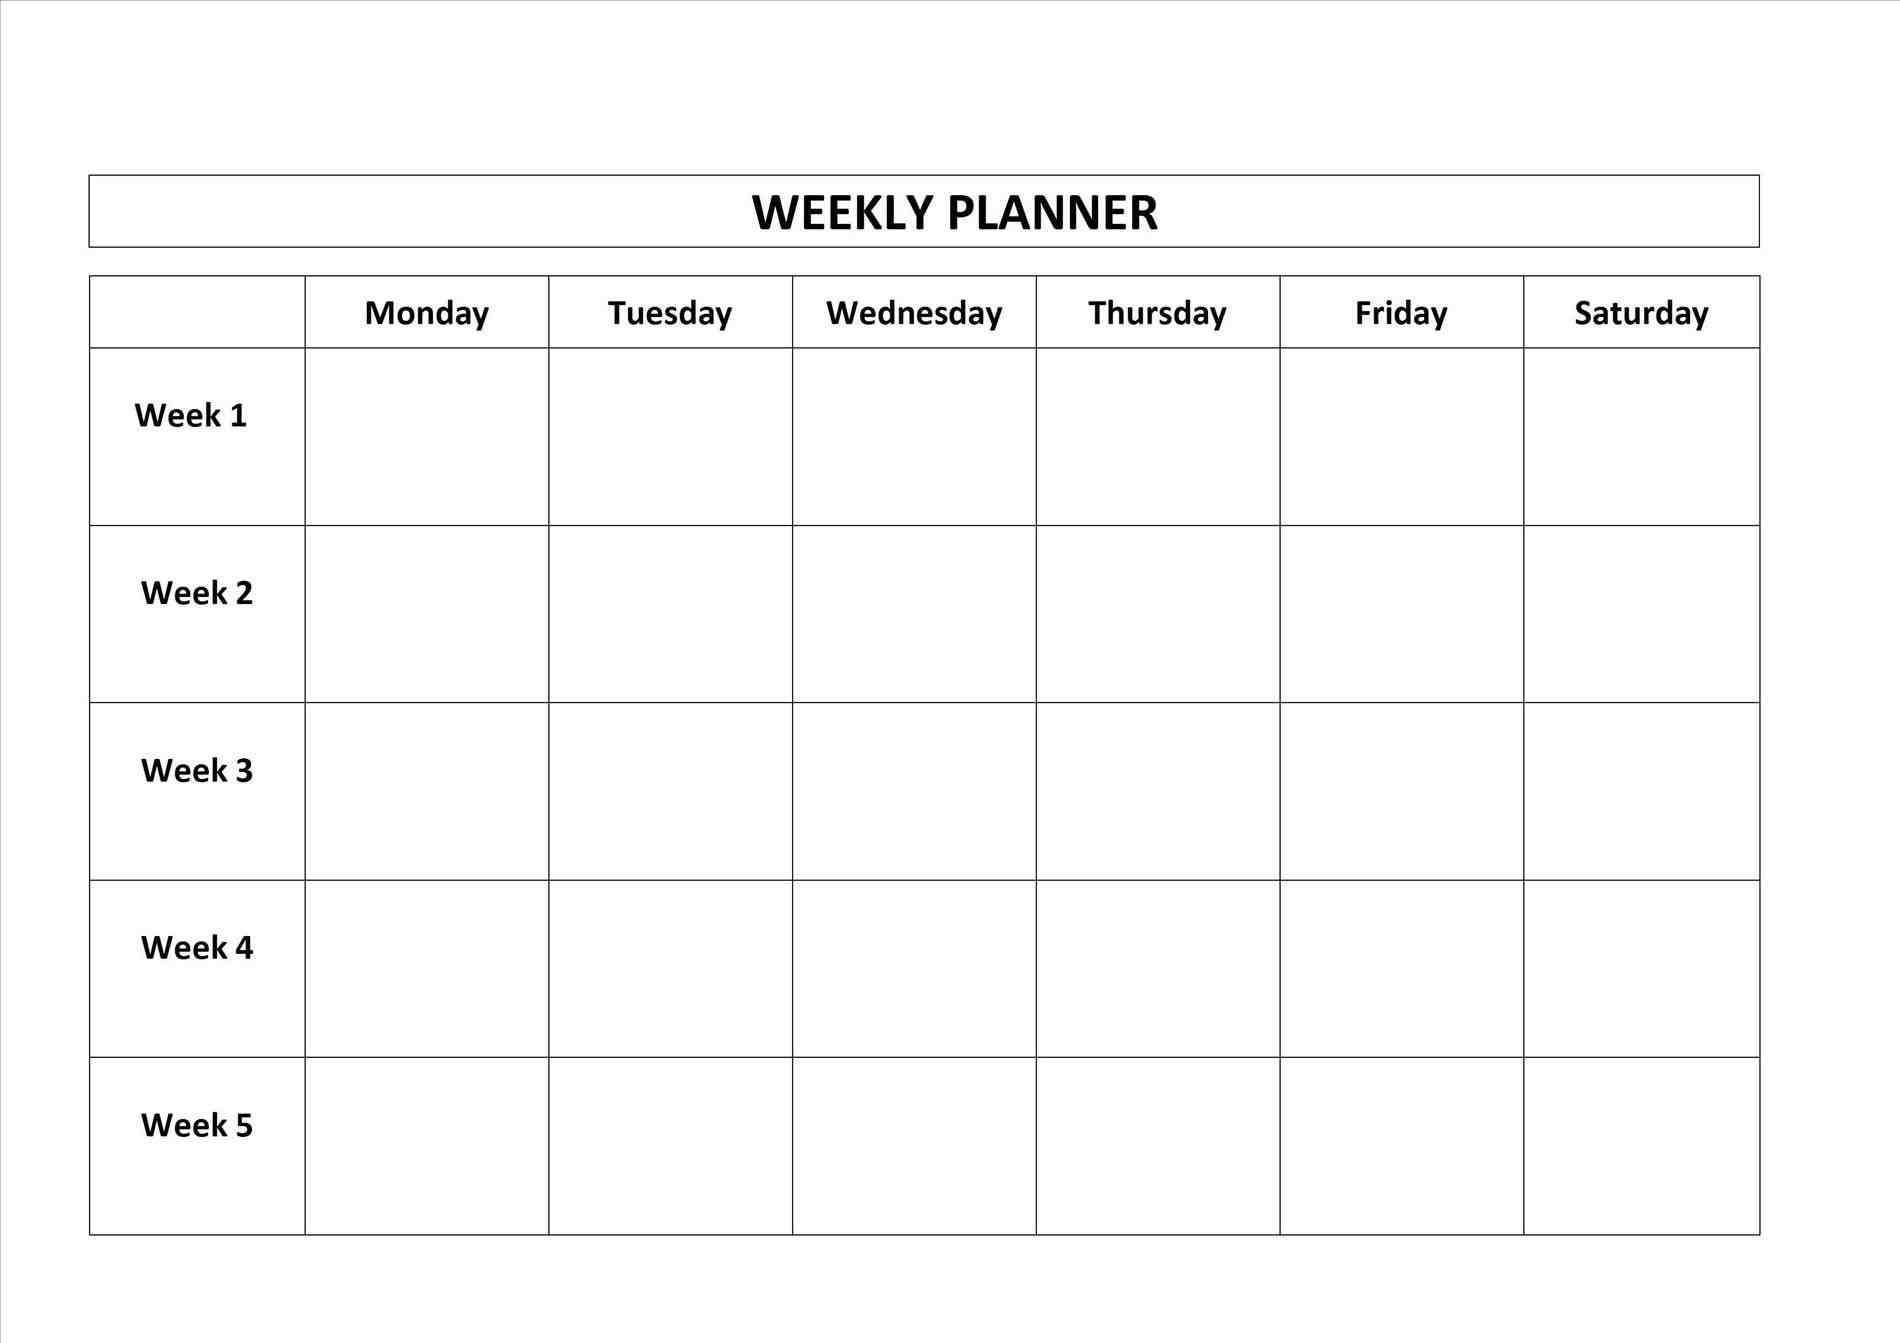 Monday To Friday Blank Calendar | Calendar Template Printable  Monday Through Friday Schedule